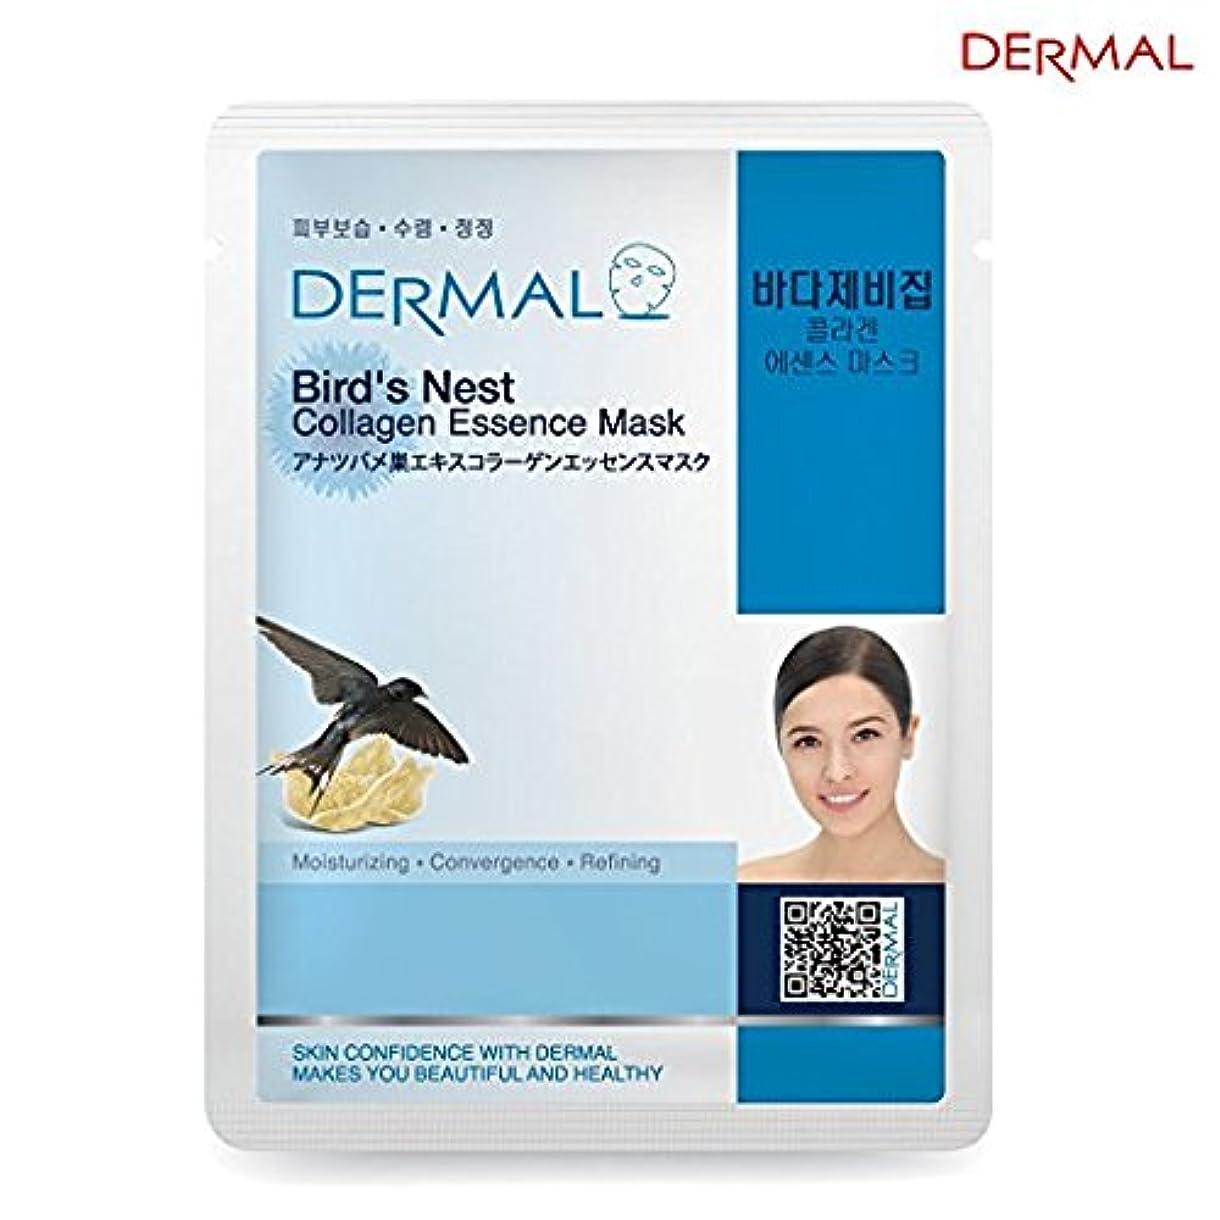 おそらく才能のある引き受けるシート マスク アナツバメ巣エキス ダーマル Dermal 23g (10枚セット) 韓国コスメ コラーゲンエッセンスマスク フェイス パック